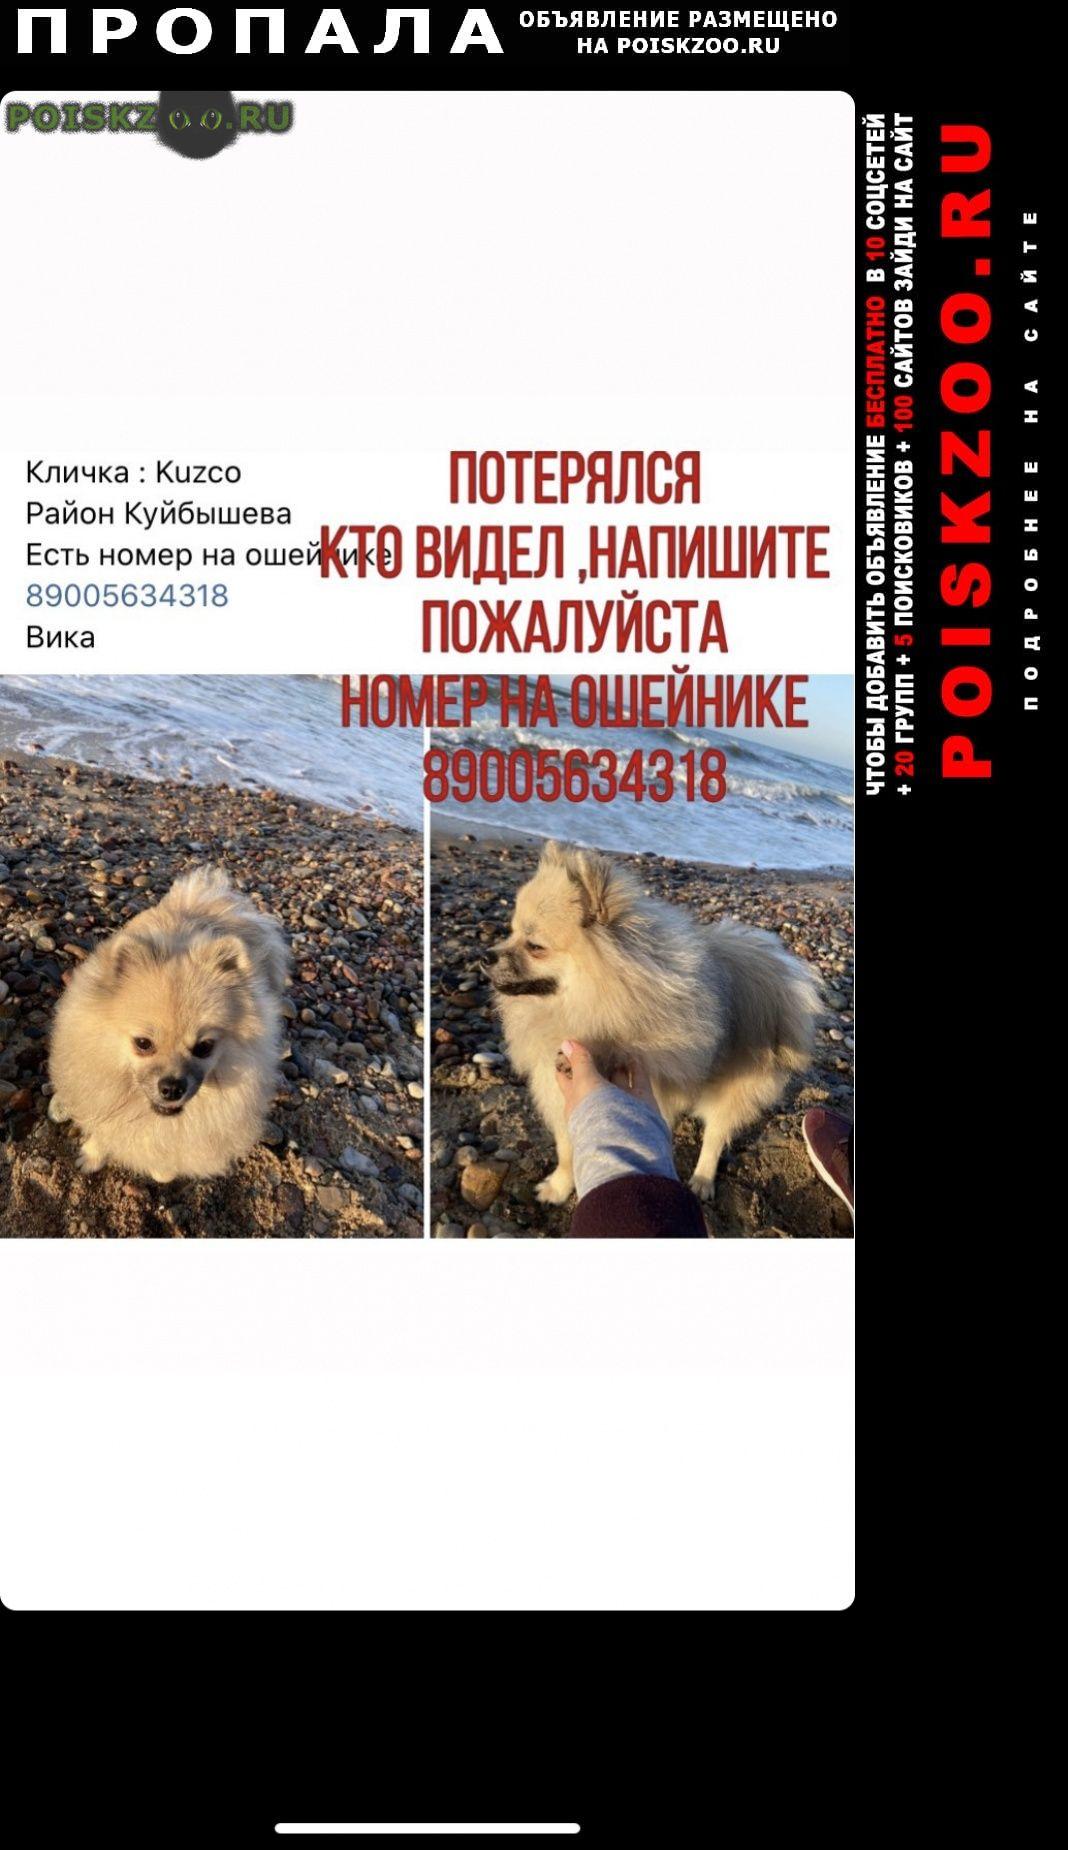 Пропала собака за вознаграждение г.Калининград (Кенигсберг)